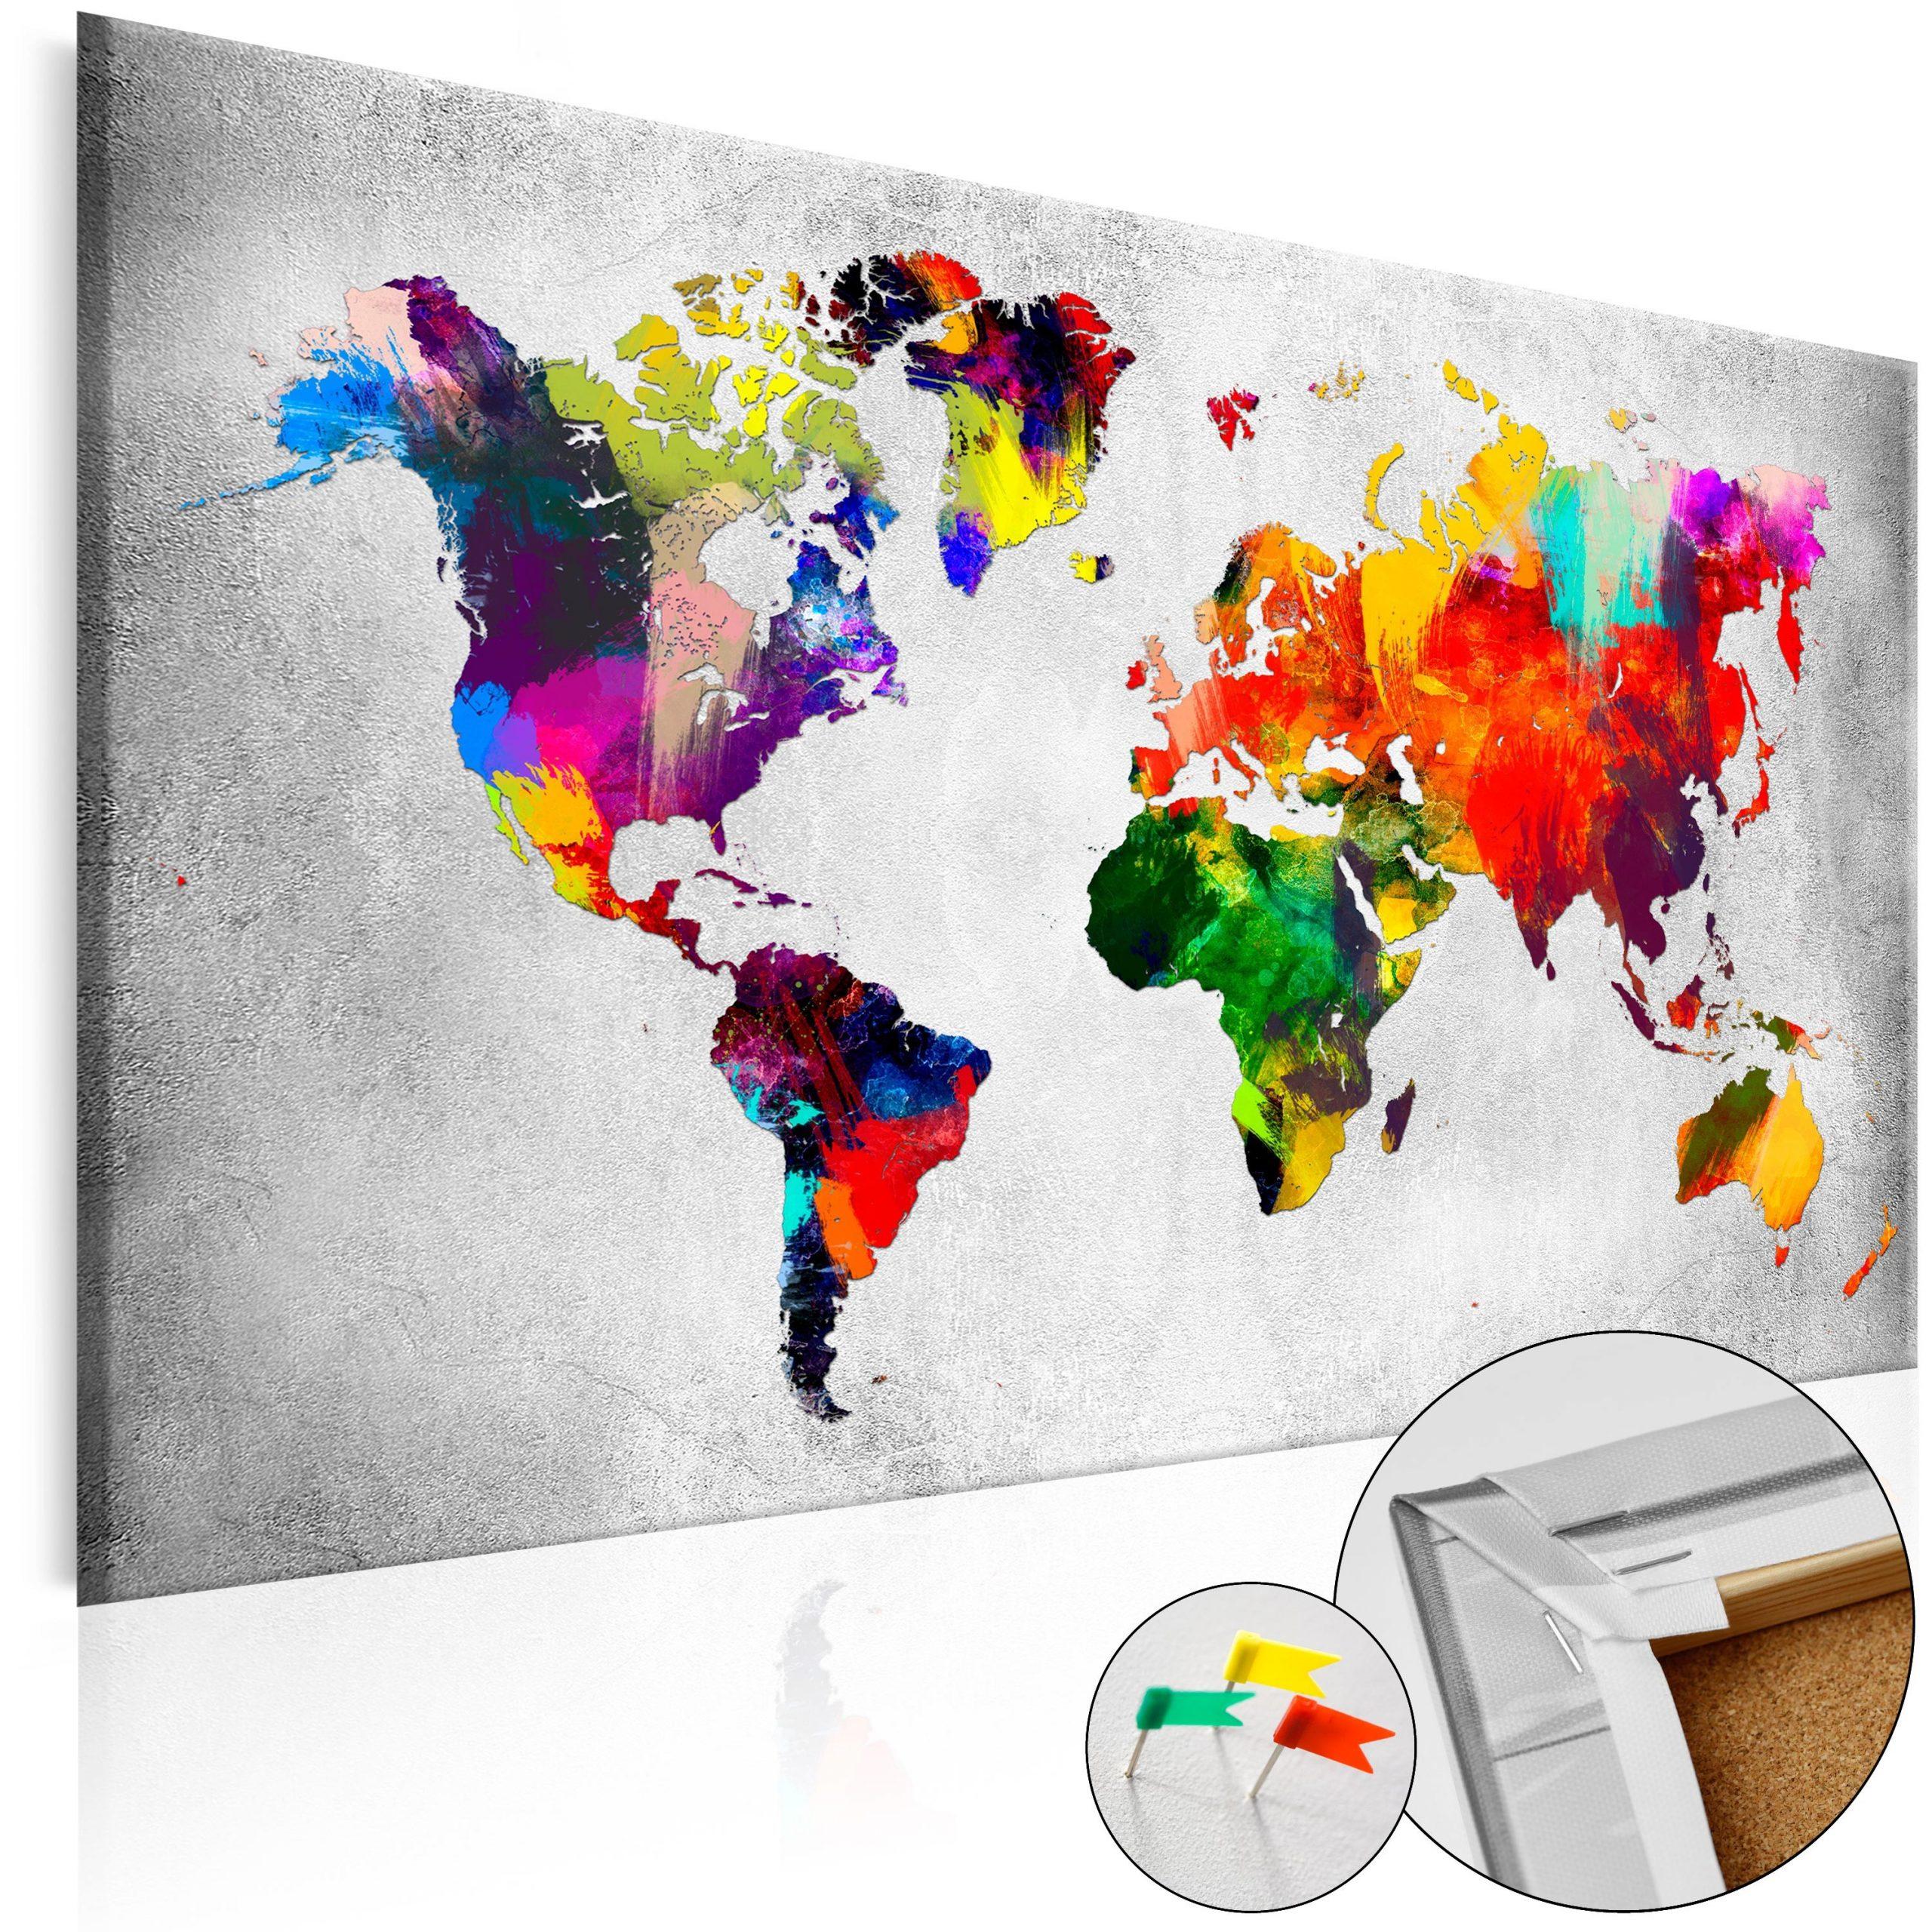 Full Size of Dekorative Pinnwand Coloured Revolution Cork Map Bilder Moderne Esstische Küche Modern Weiss Esstisch Deckenlampen Wohnzimmer Modernes Bett 180x200 Wohnzimmer Pinnwand Modern